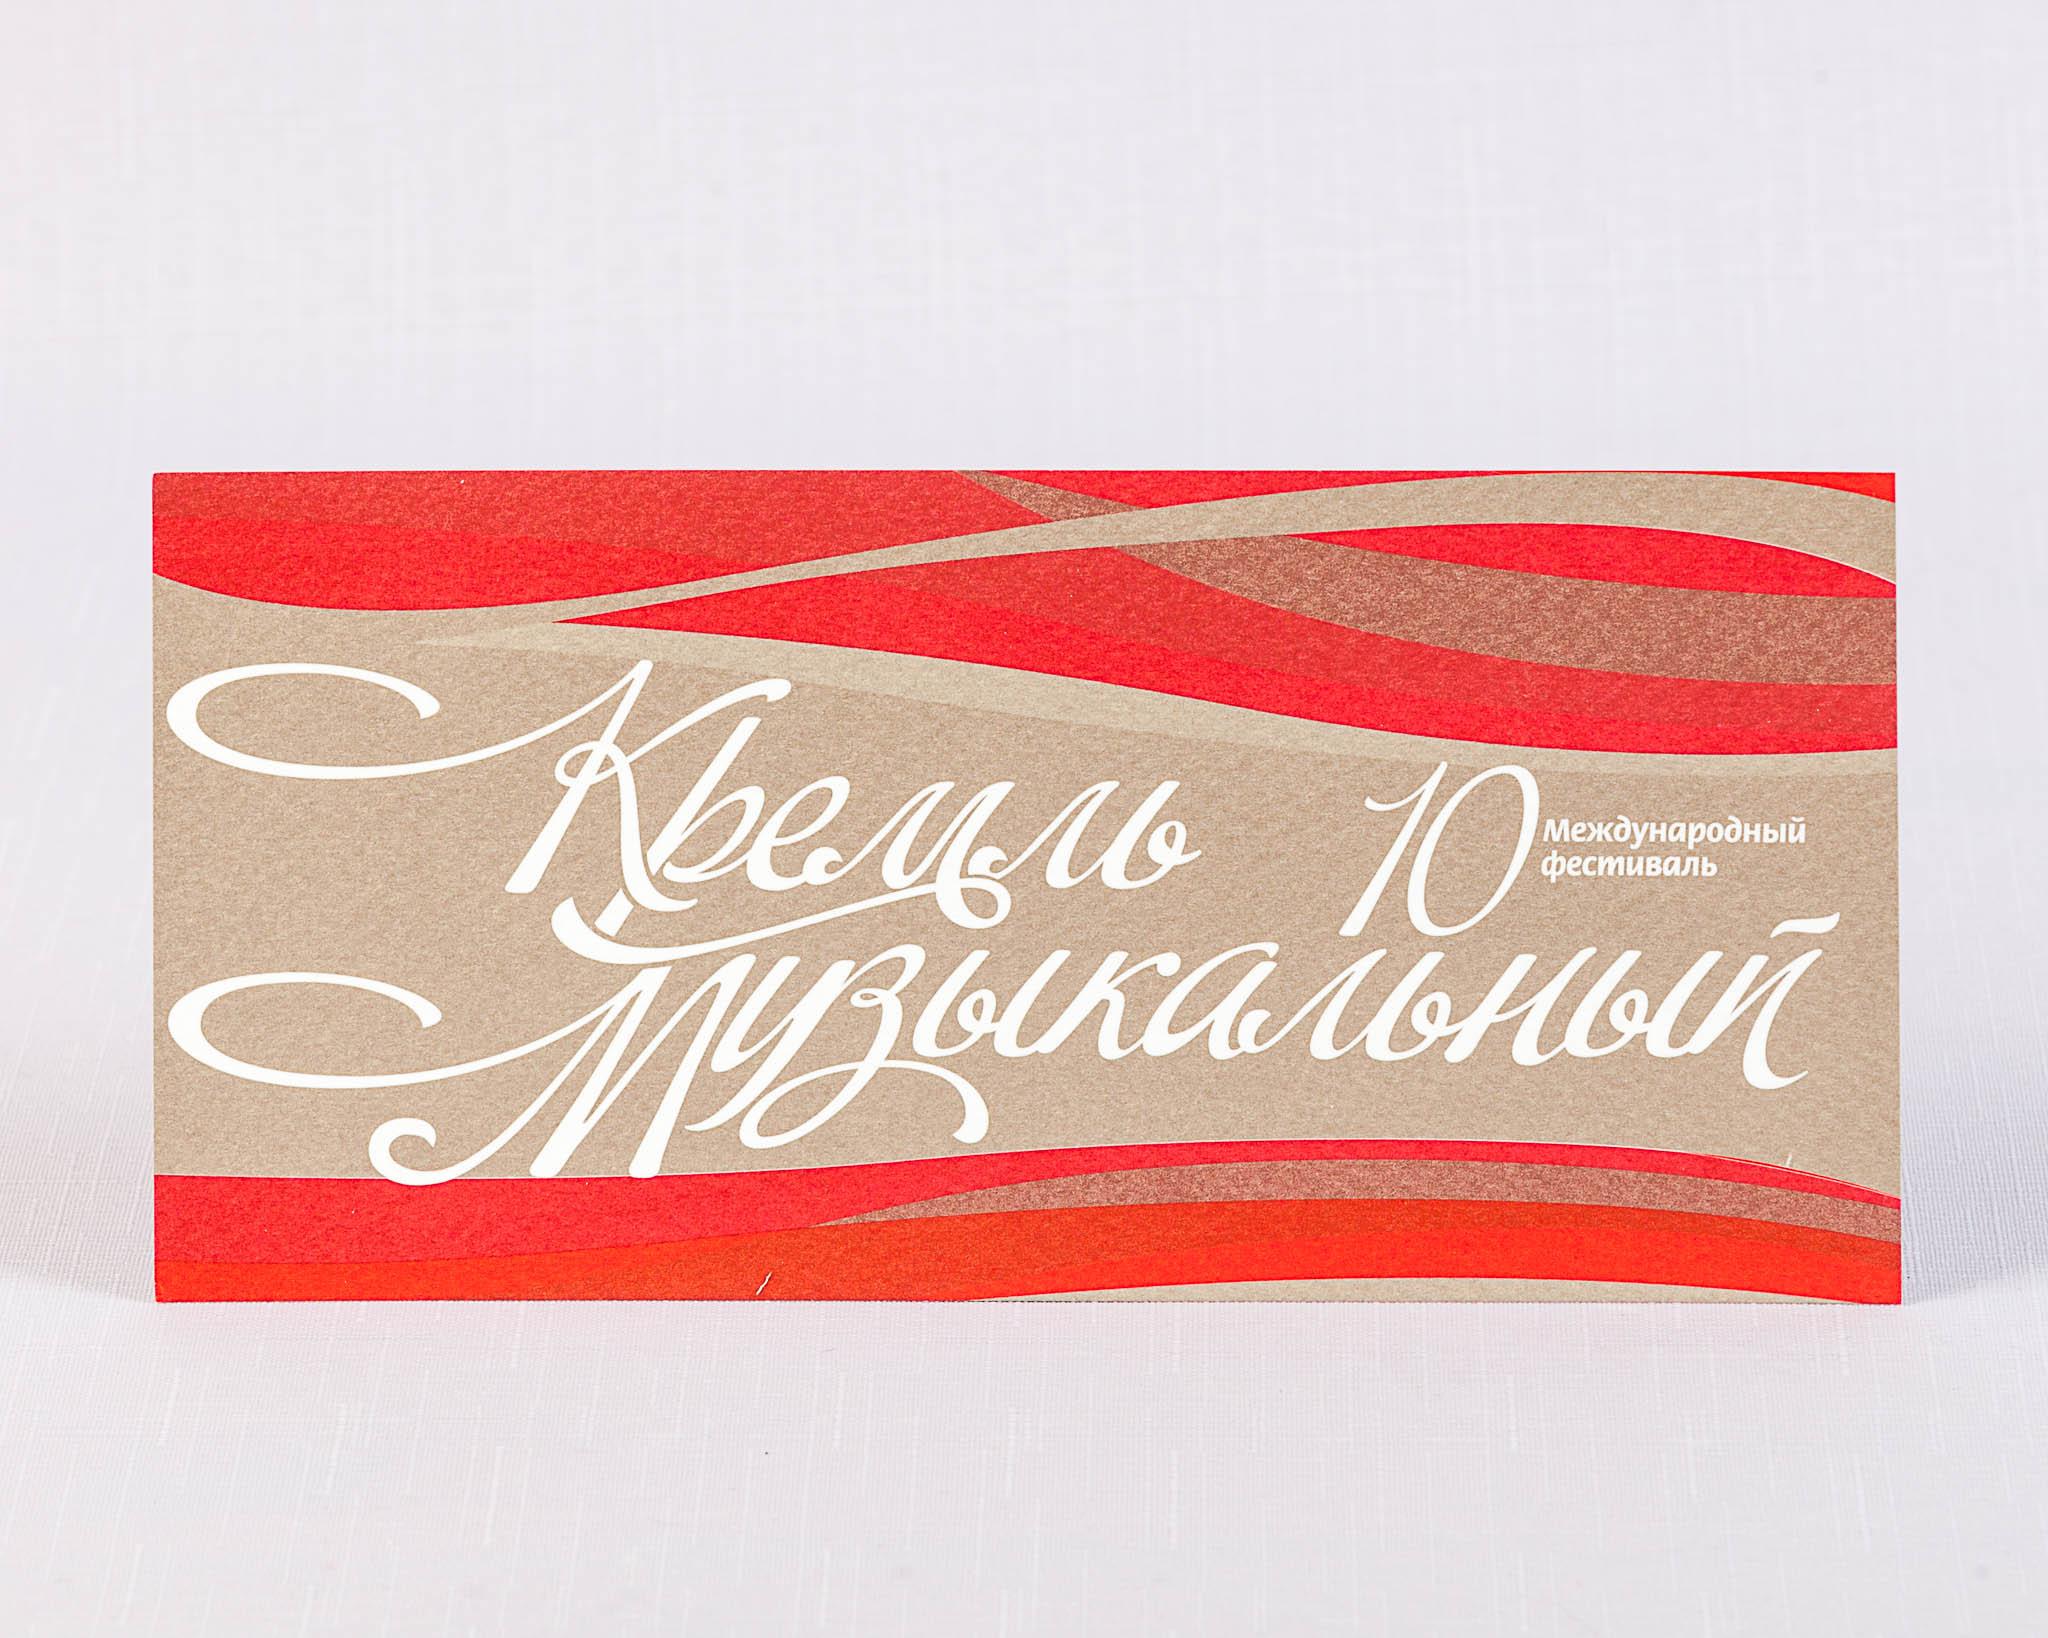 Приглашение на дизайнерской бумаге панотонами и металлизированной краской